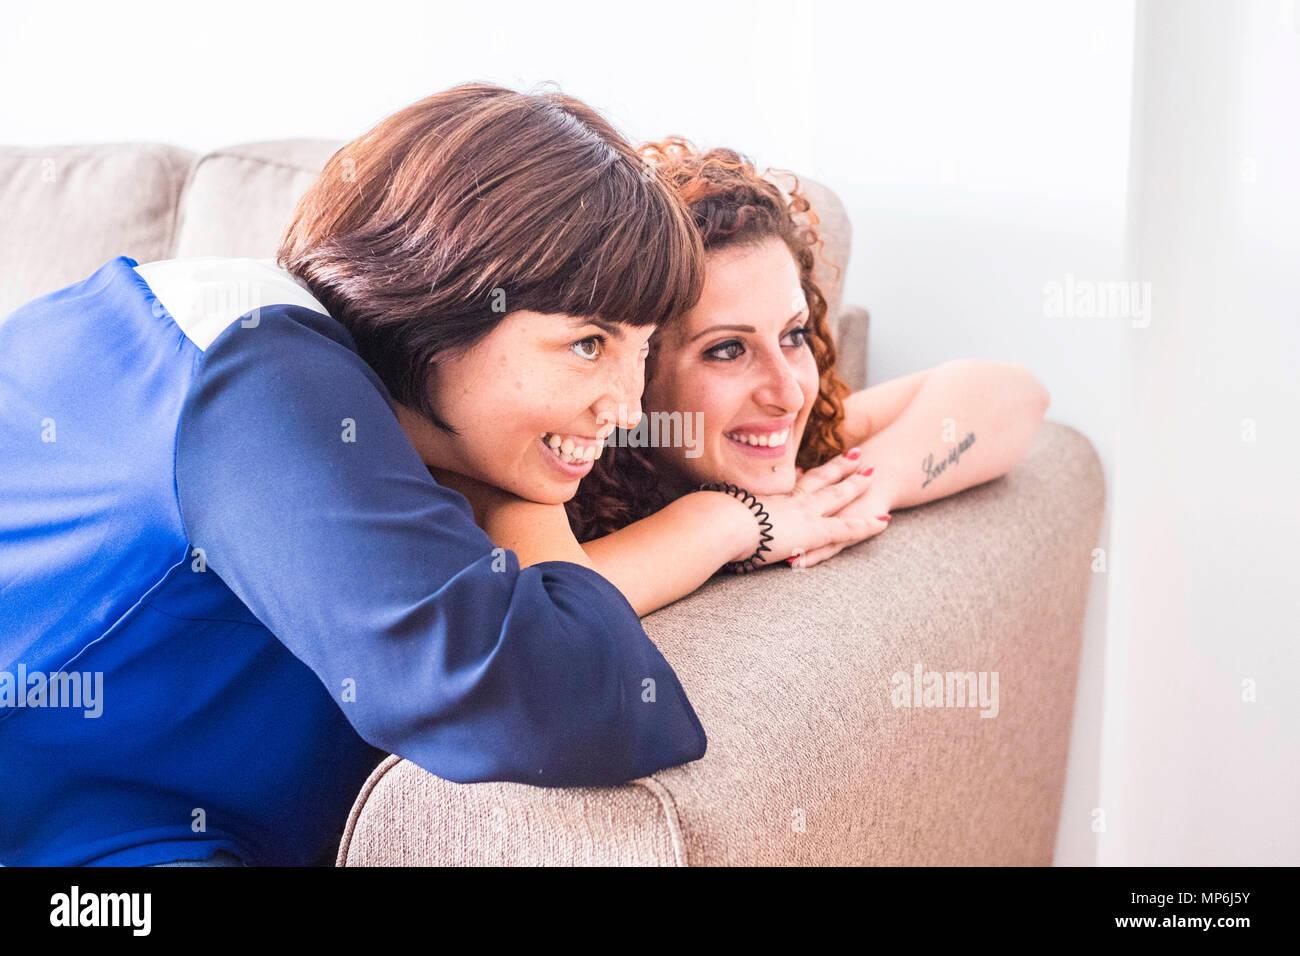 Par od dos amigas permanezcan juntos en el sofá sonriendo y divertirse. La amistad o la relación en casa con interiores de estilo de vida agradable manera Foto de stock